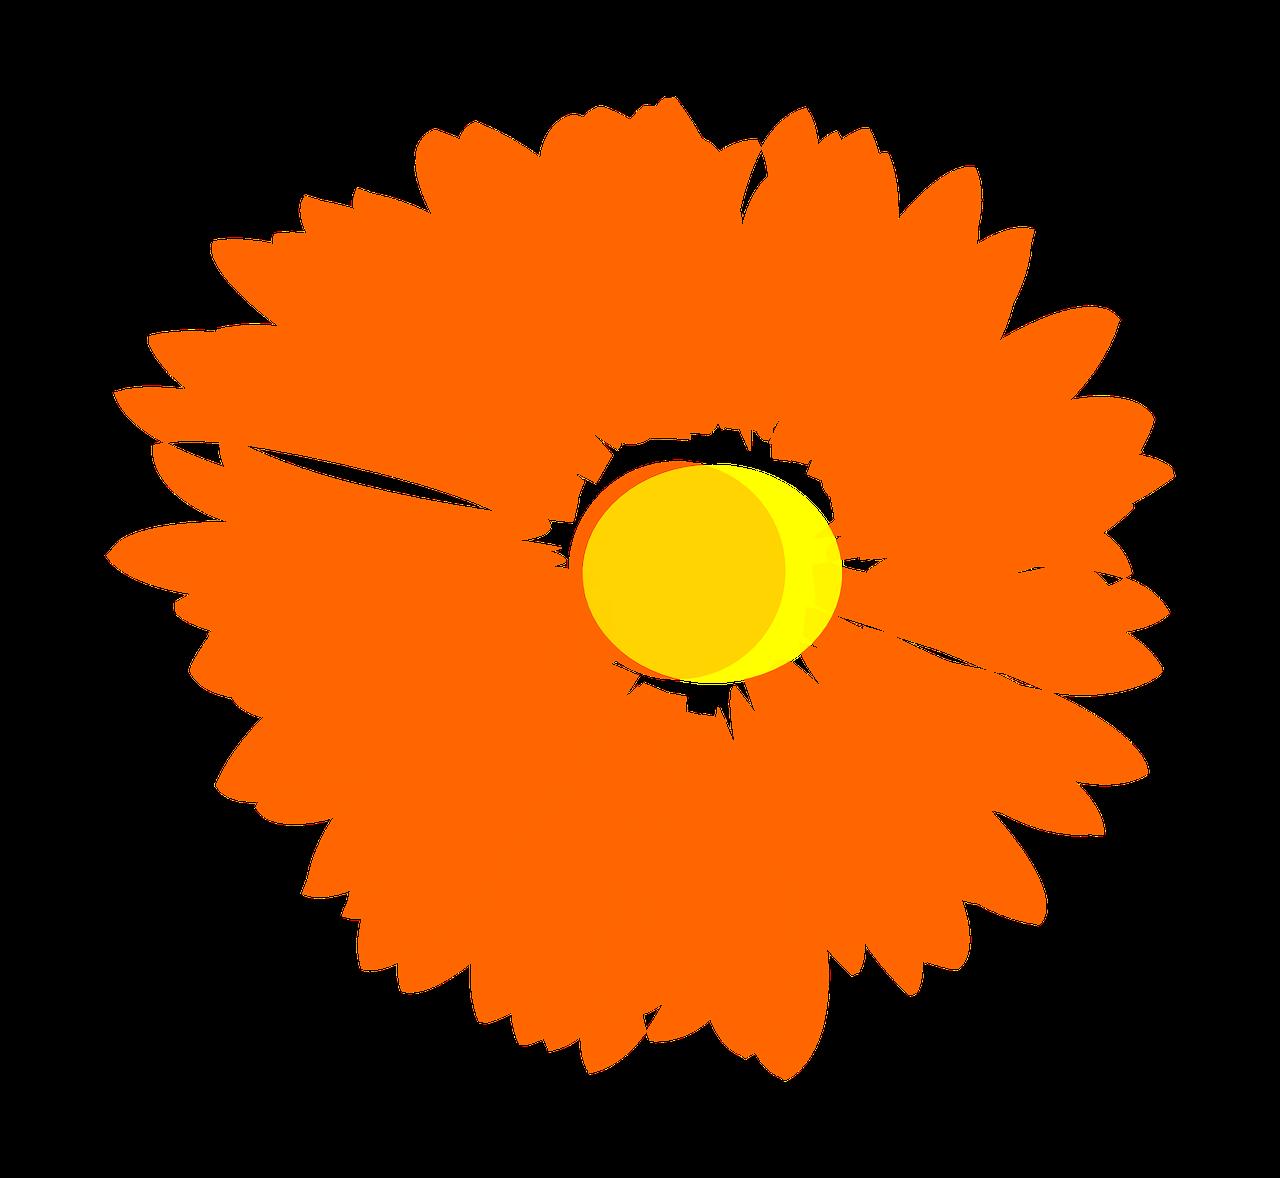 отверстиях оранжевый цветочек картинка славится коломенским